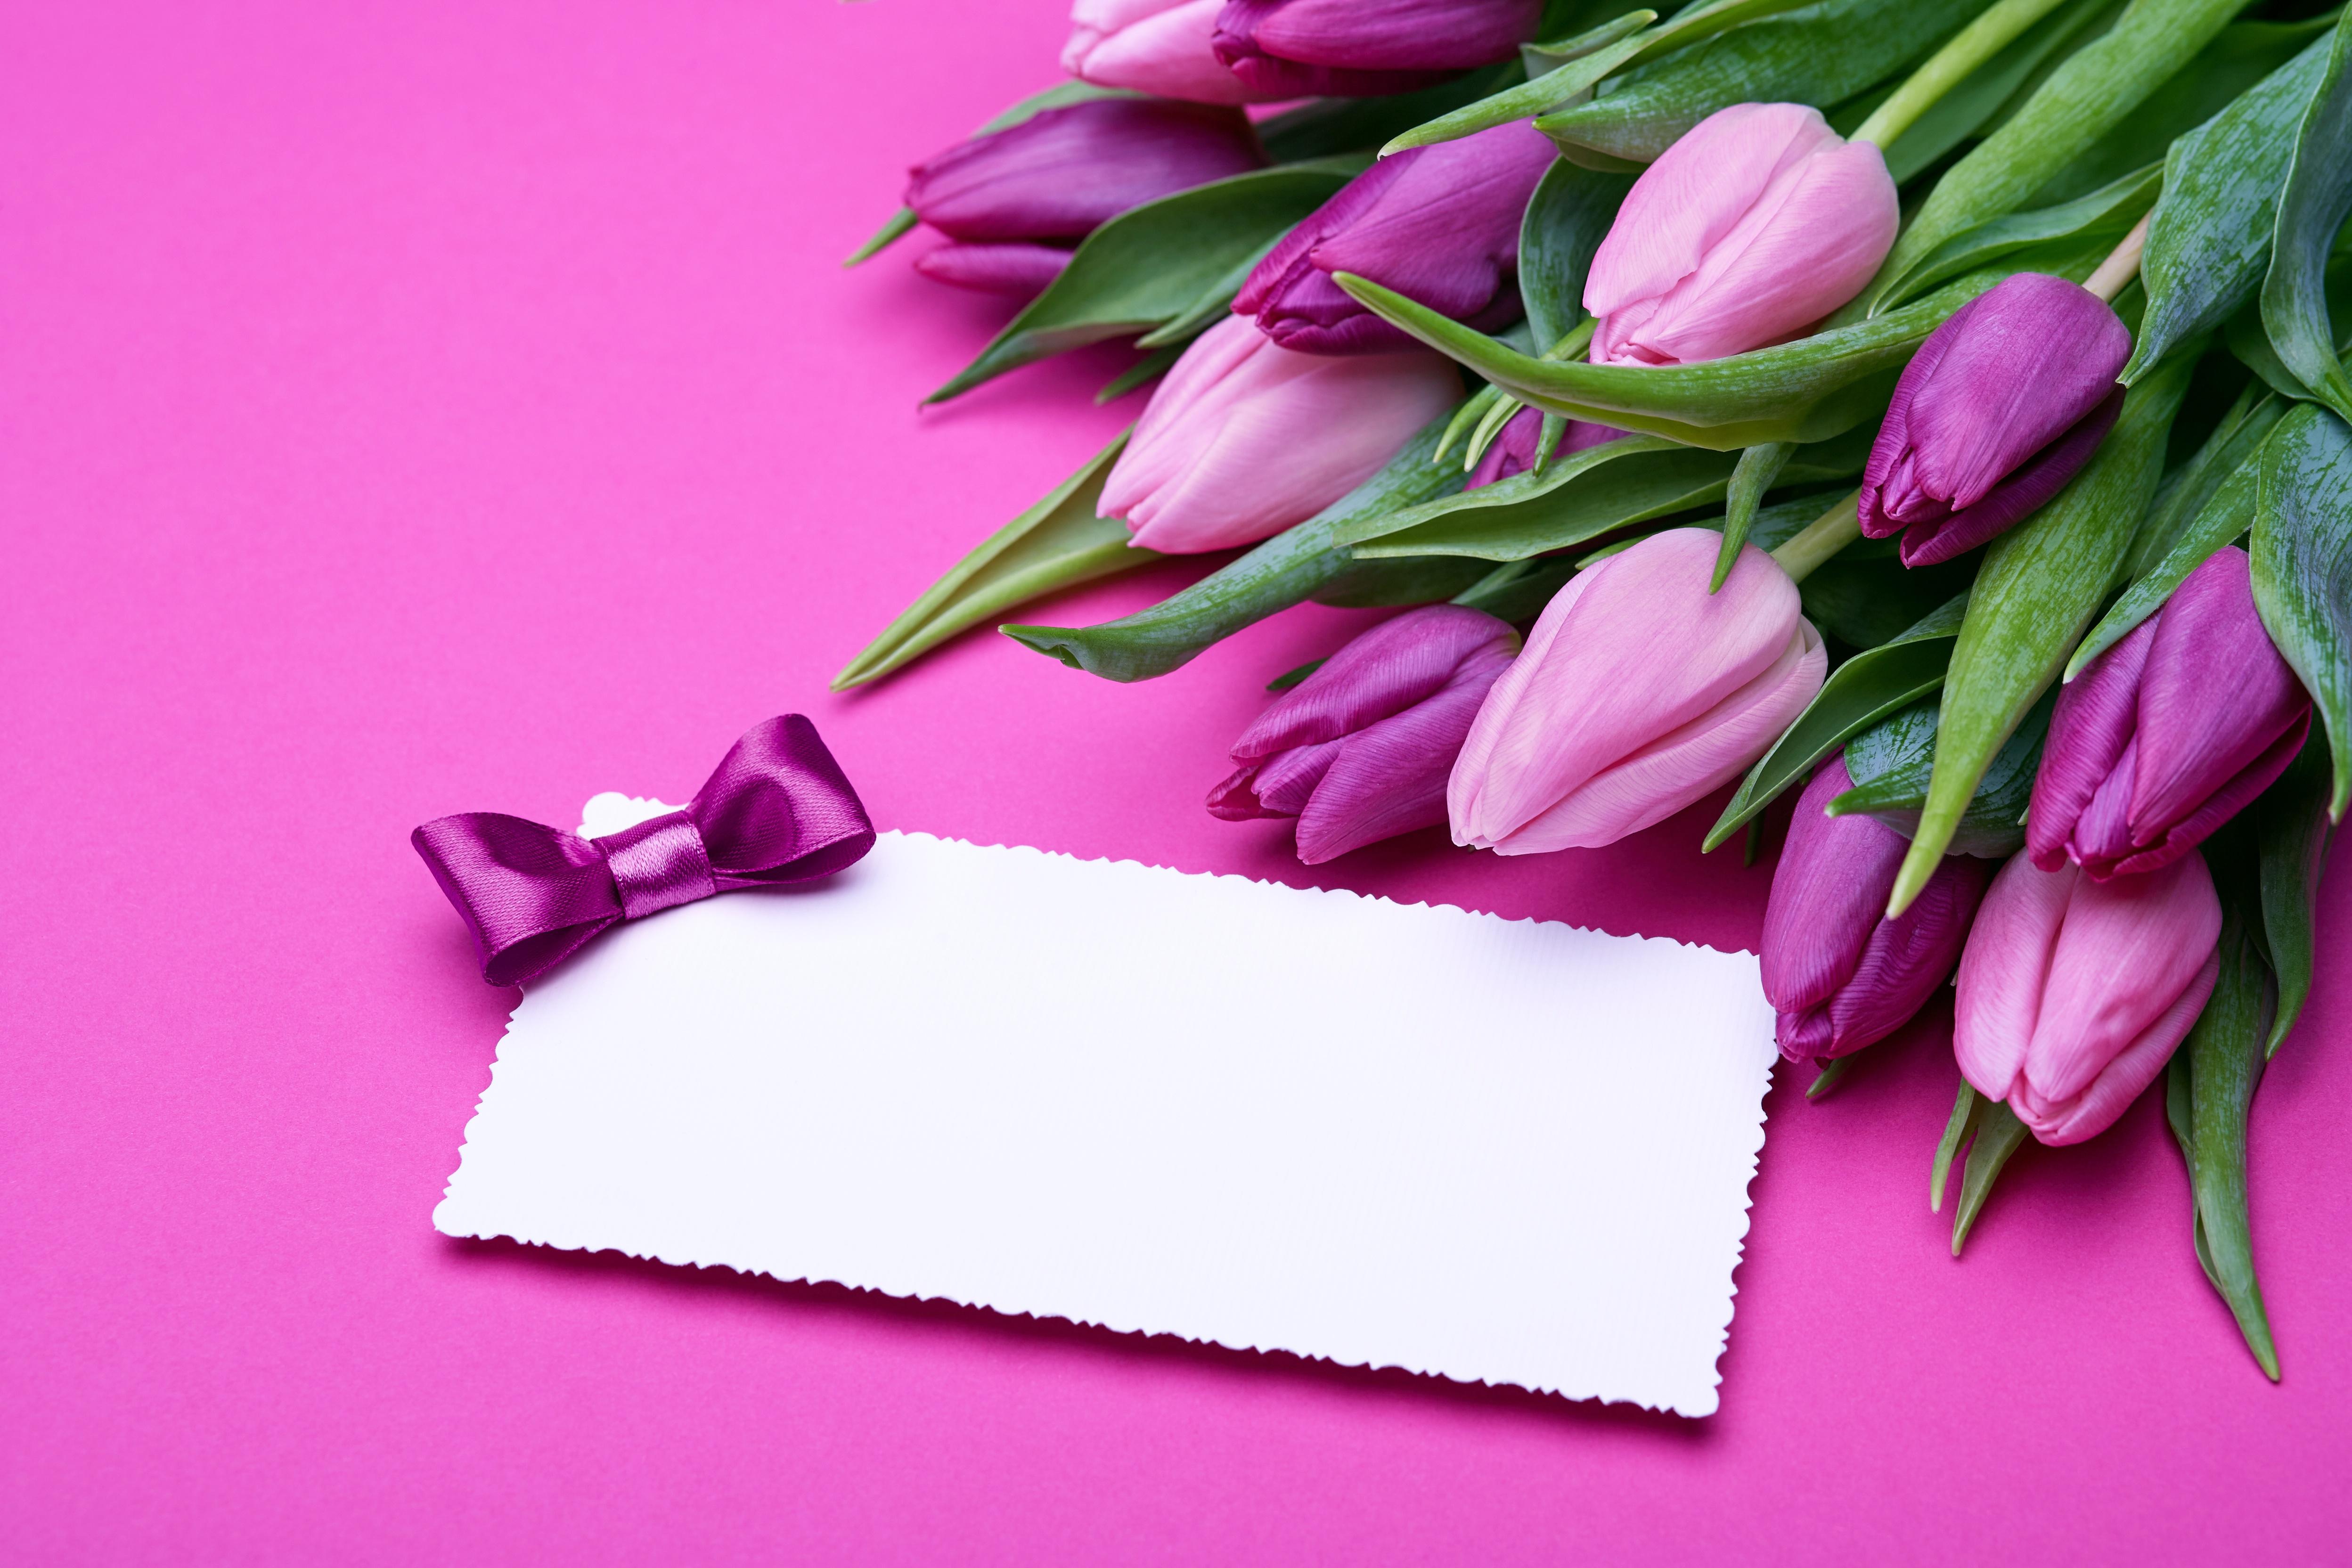 Открытки с тюльпанами без надписей, анимация